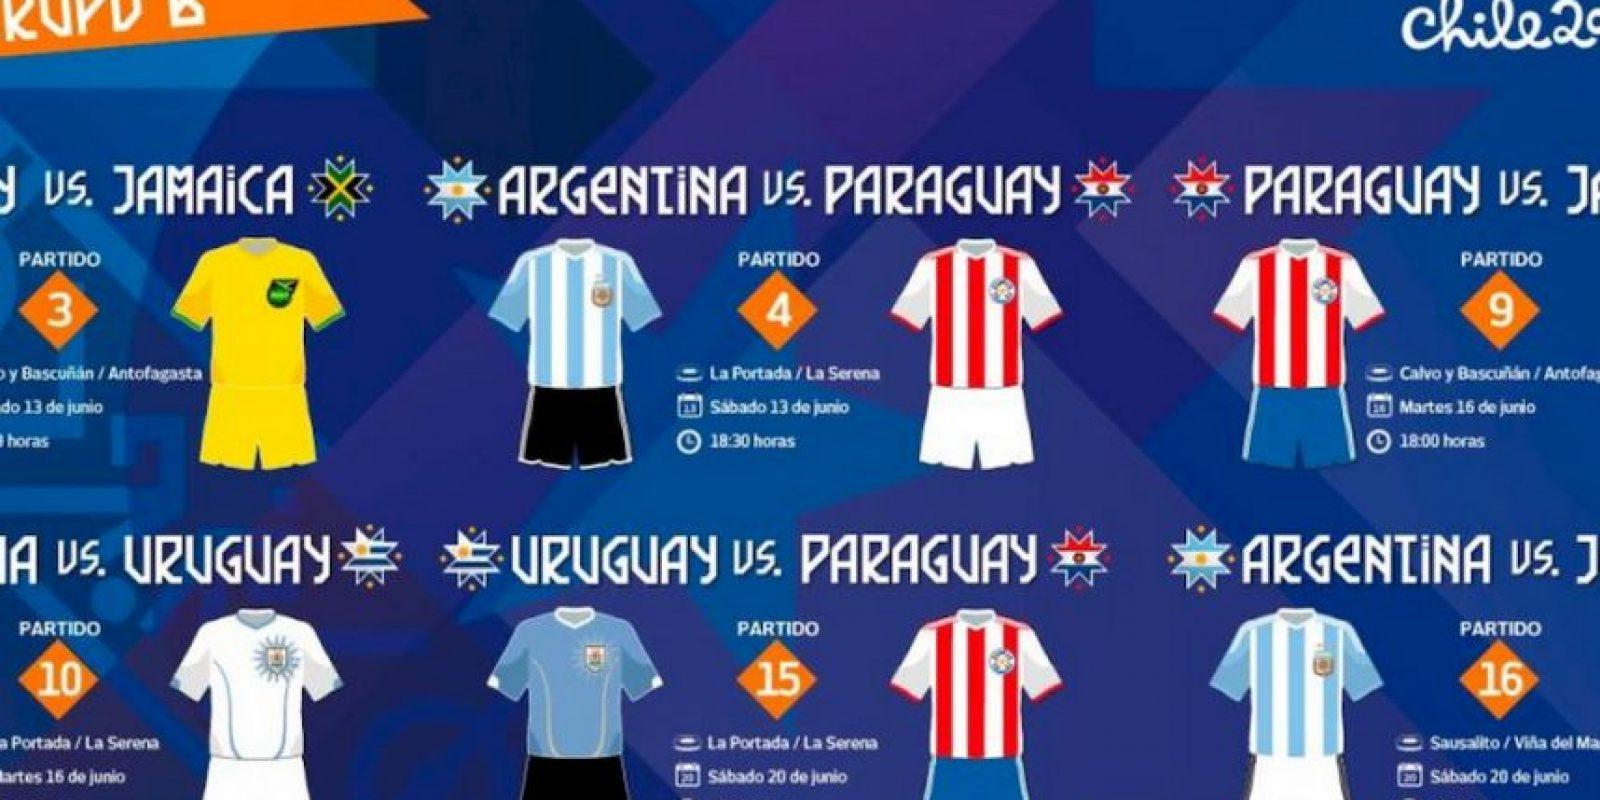 Estas son los uniformes que utilizarán en el sector B Foto:Copa América Chile 2015